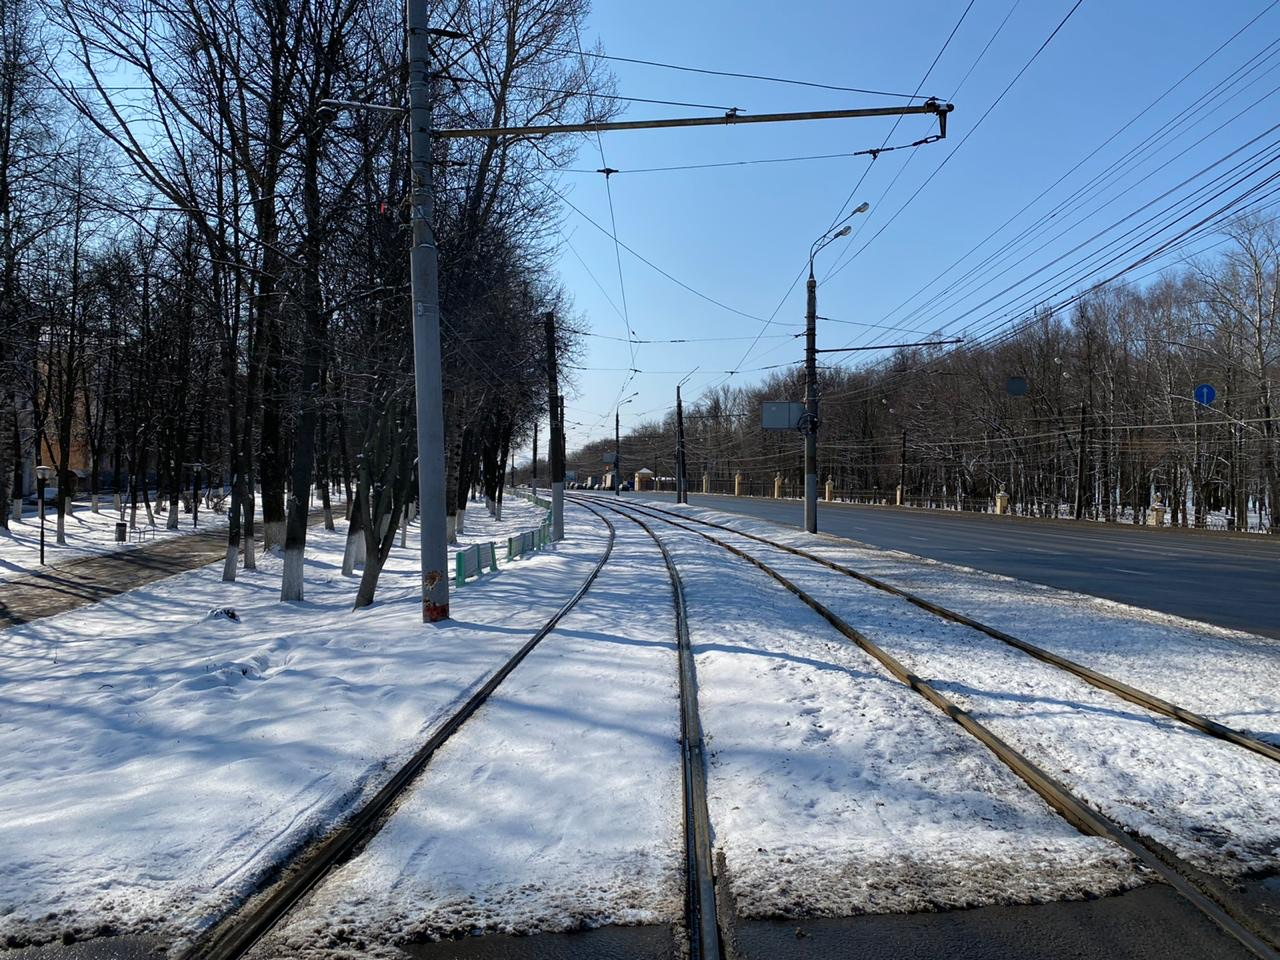 Трамвайное движение планируют развить в центре Нижнего Новгорода - фото 2